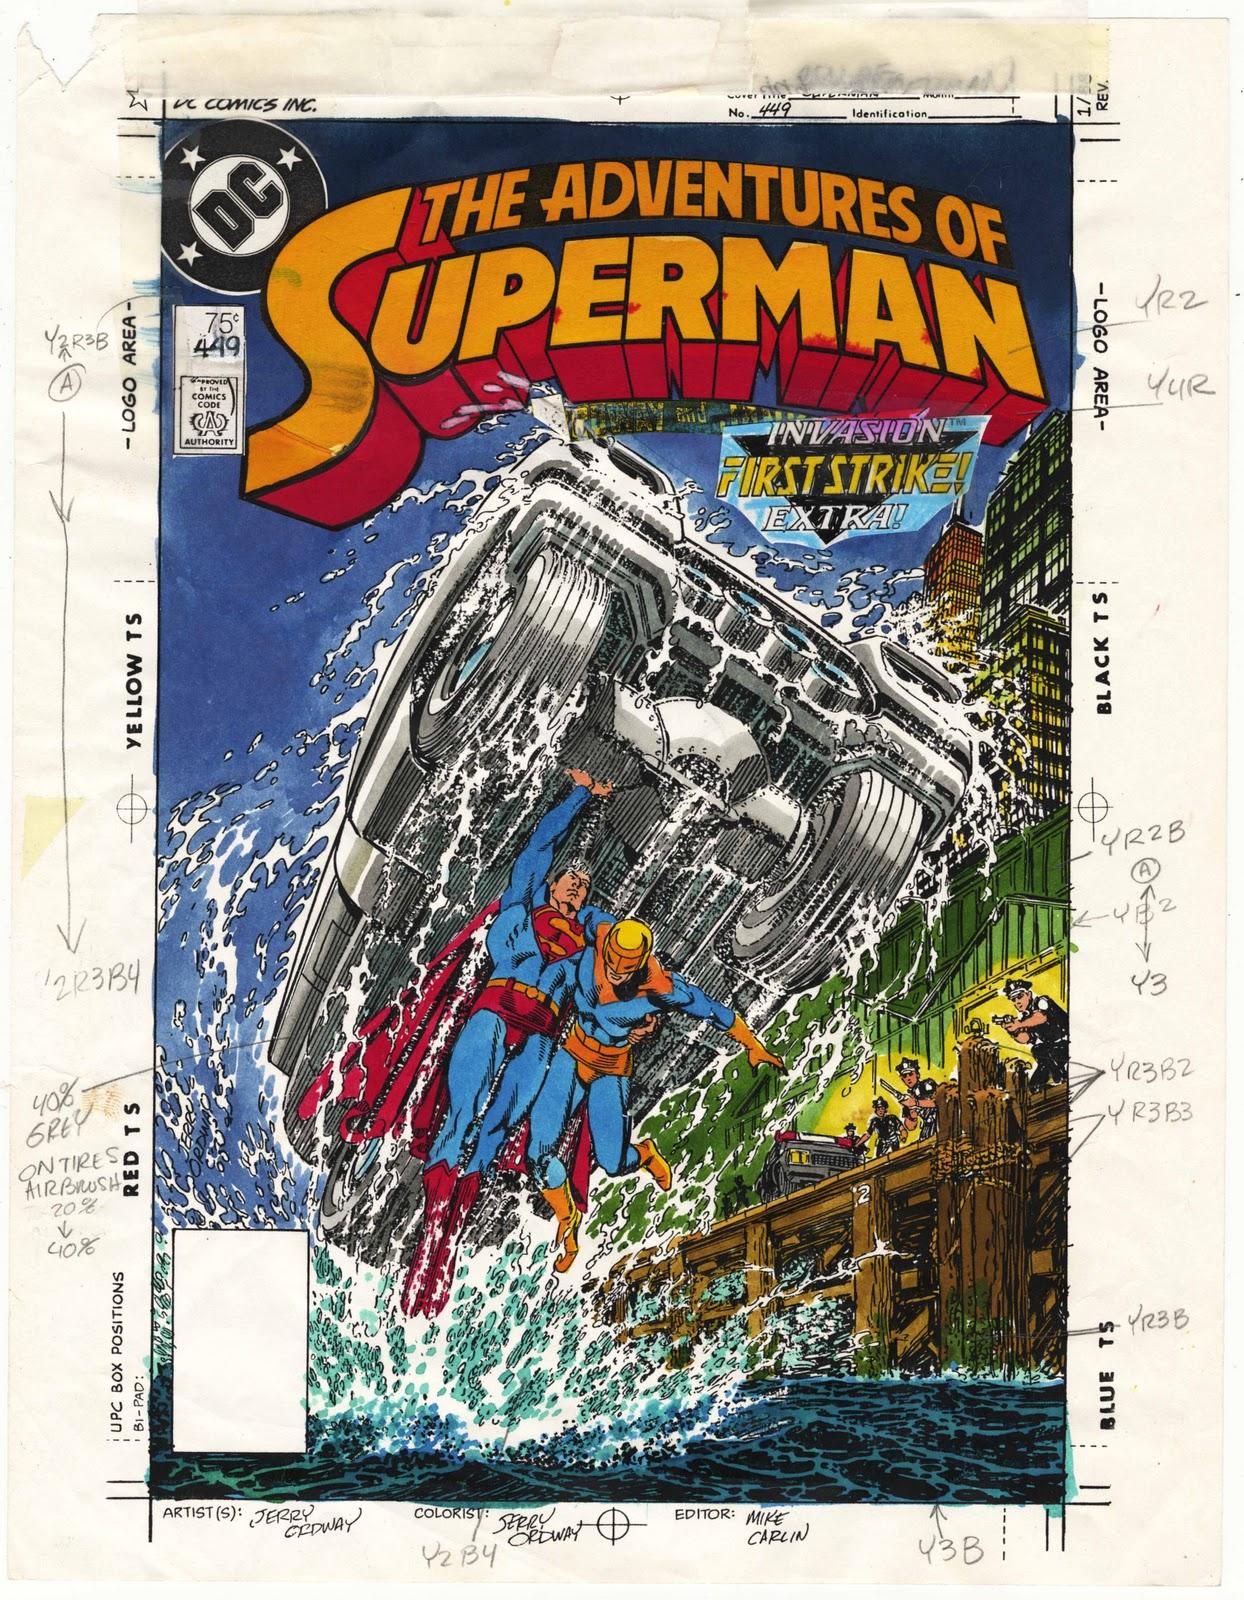 http://4.bp.blogspot.com/-ZmBHKDH_ms8/ToJtmDf2XoI/AAAAAAAAAOQ/x5T-CrA8-nU/s1600/Adv+of+Superman%2523449.jpg